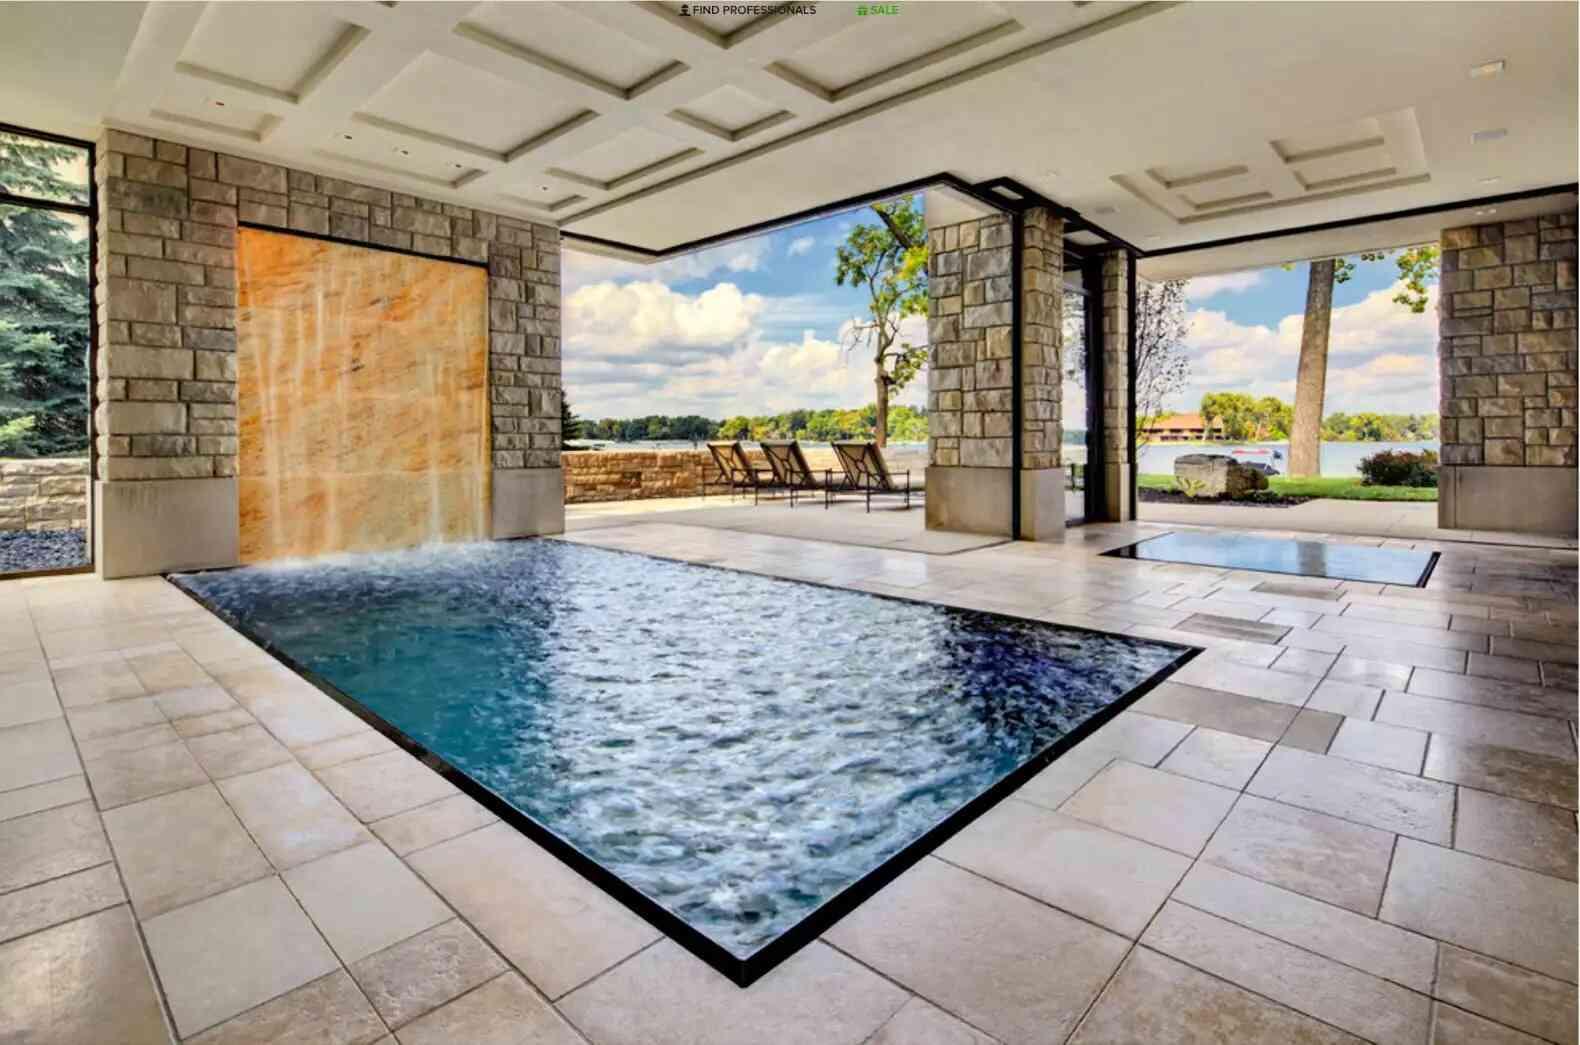 nhà nhỏ có hồ bơi